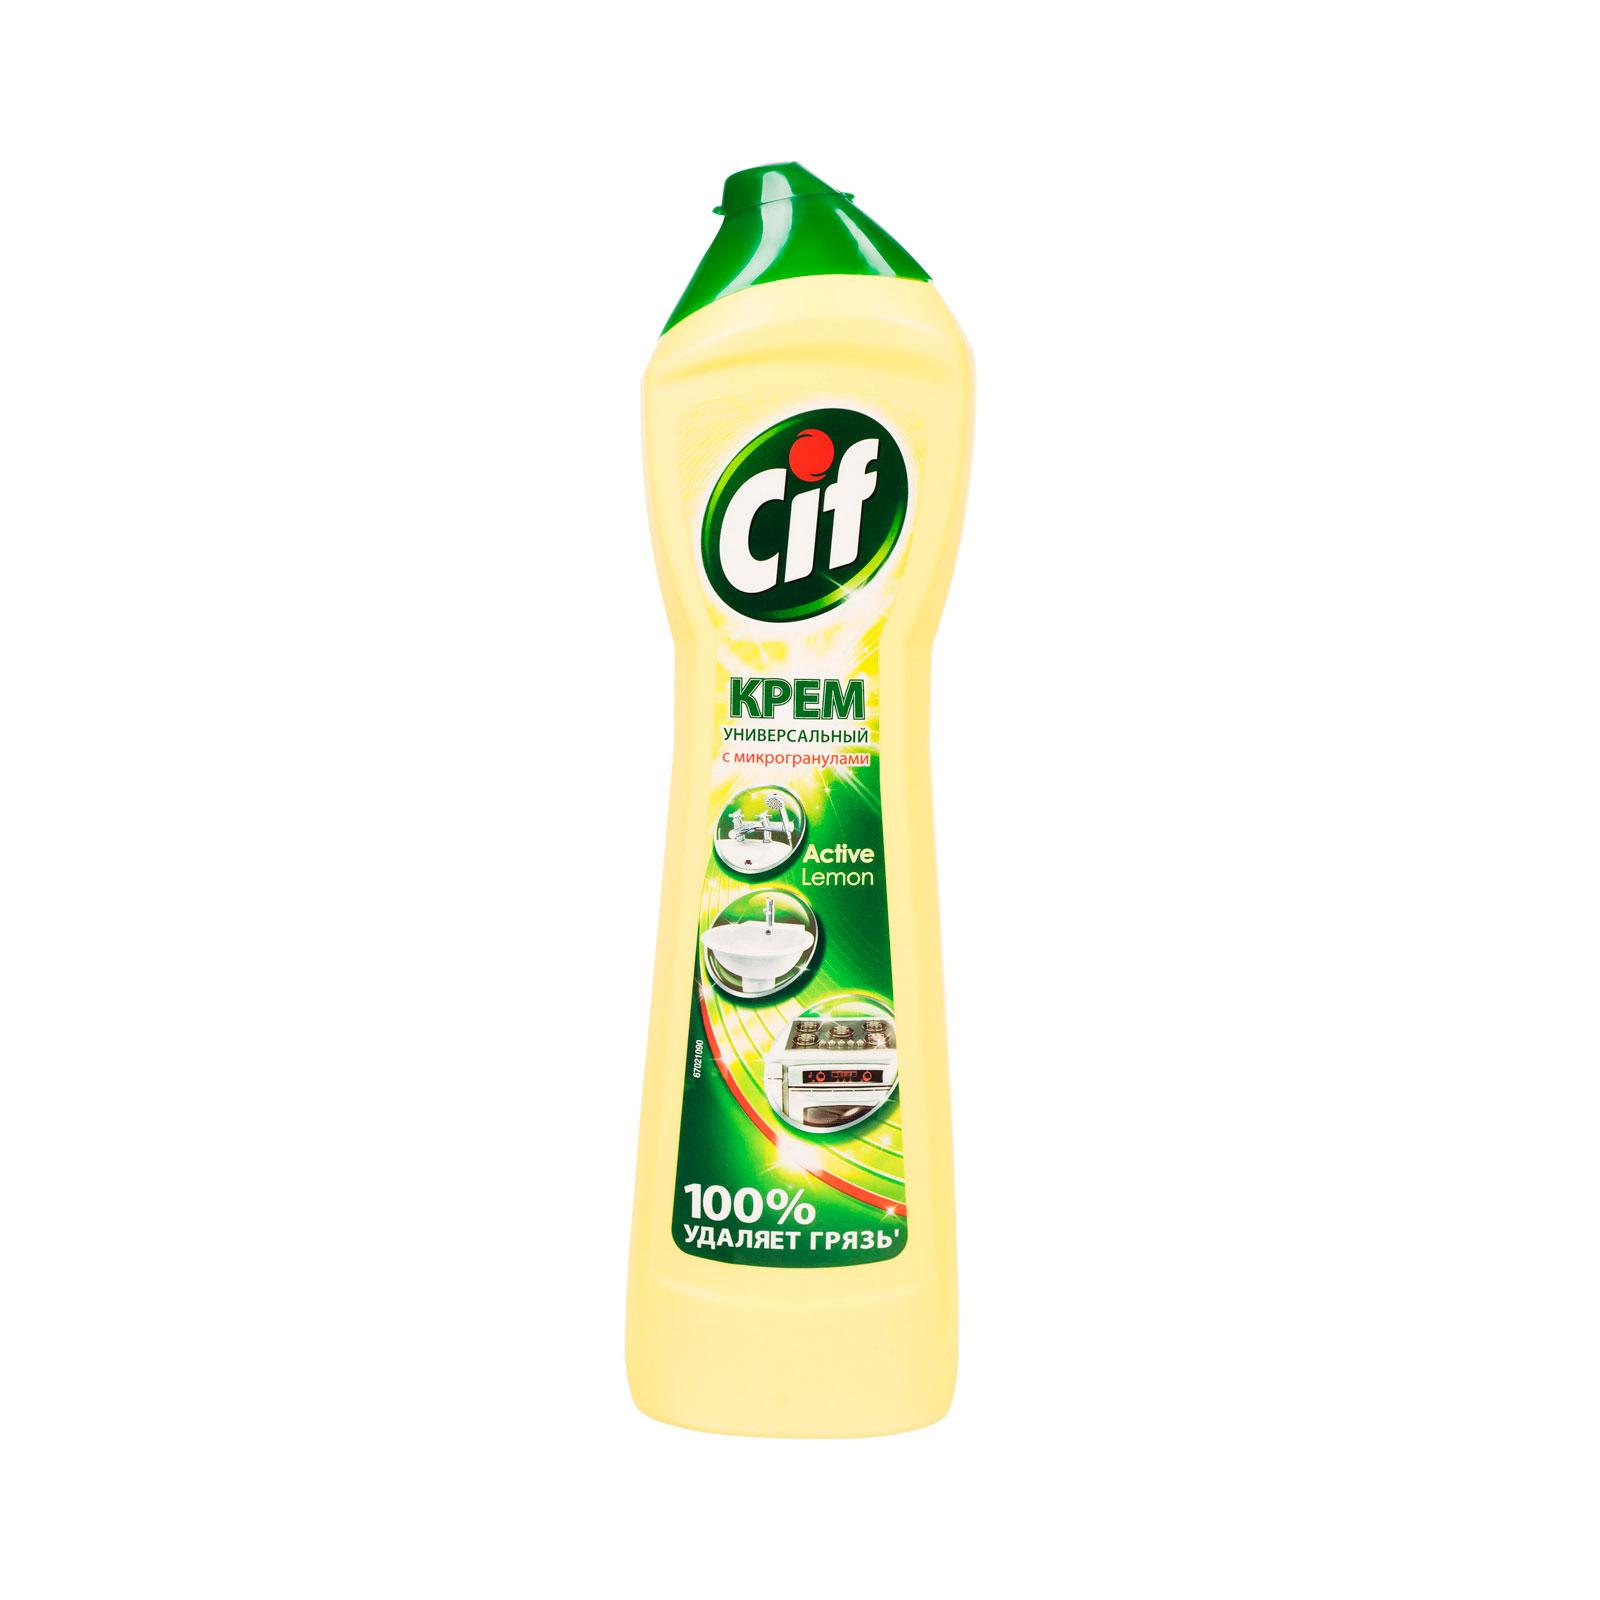 Чистящий крем CIF актив лимон 500мл<br>